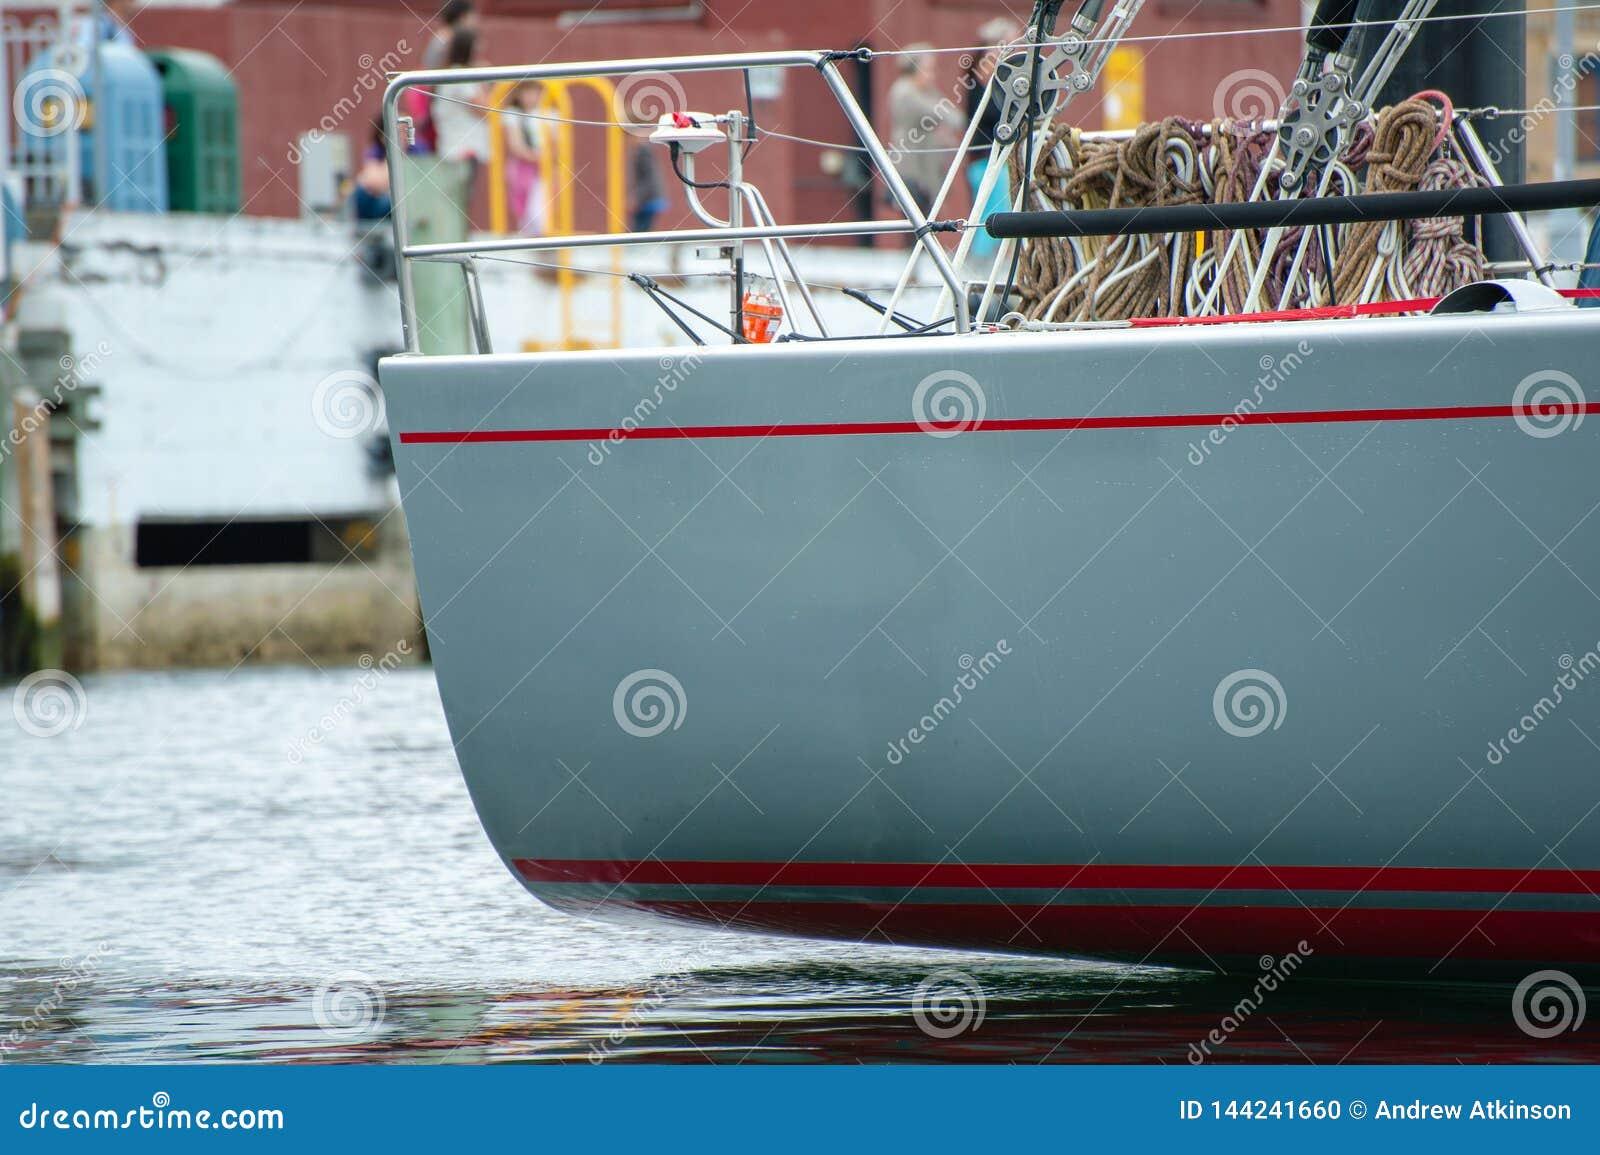 野燕麦XI 11破纪录的胜利在霍巴特游艇况赛的悉尼-科技目前进步水平最大,船尾的边